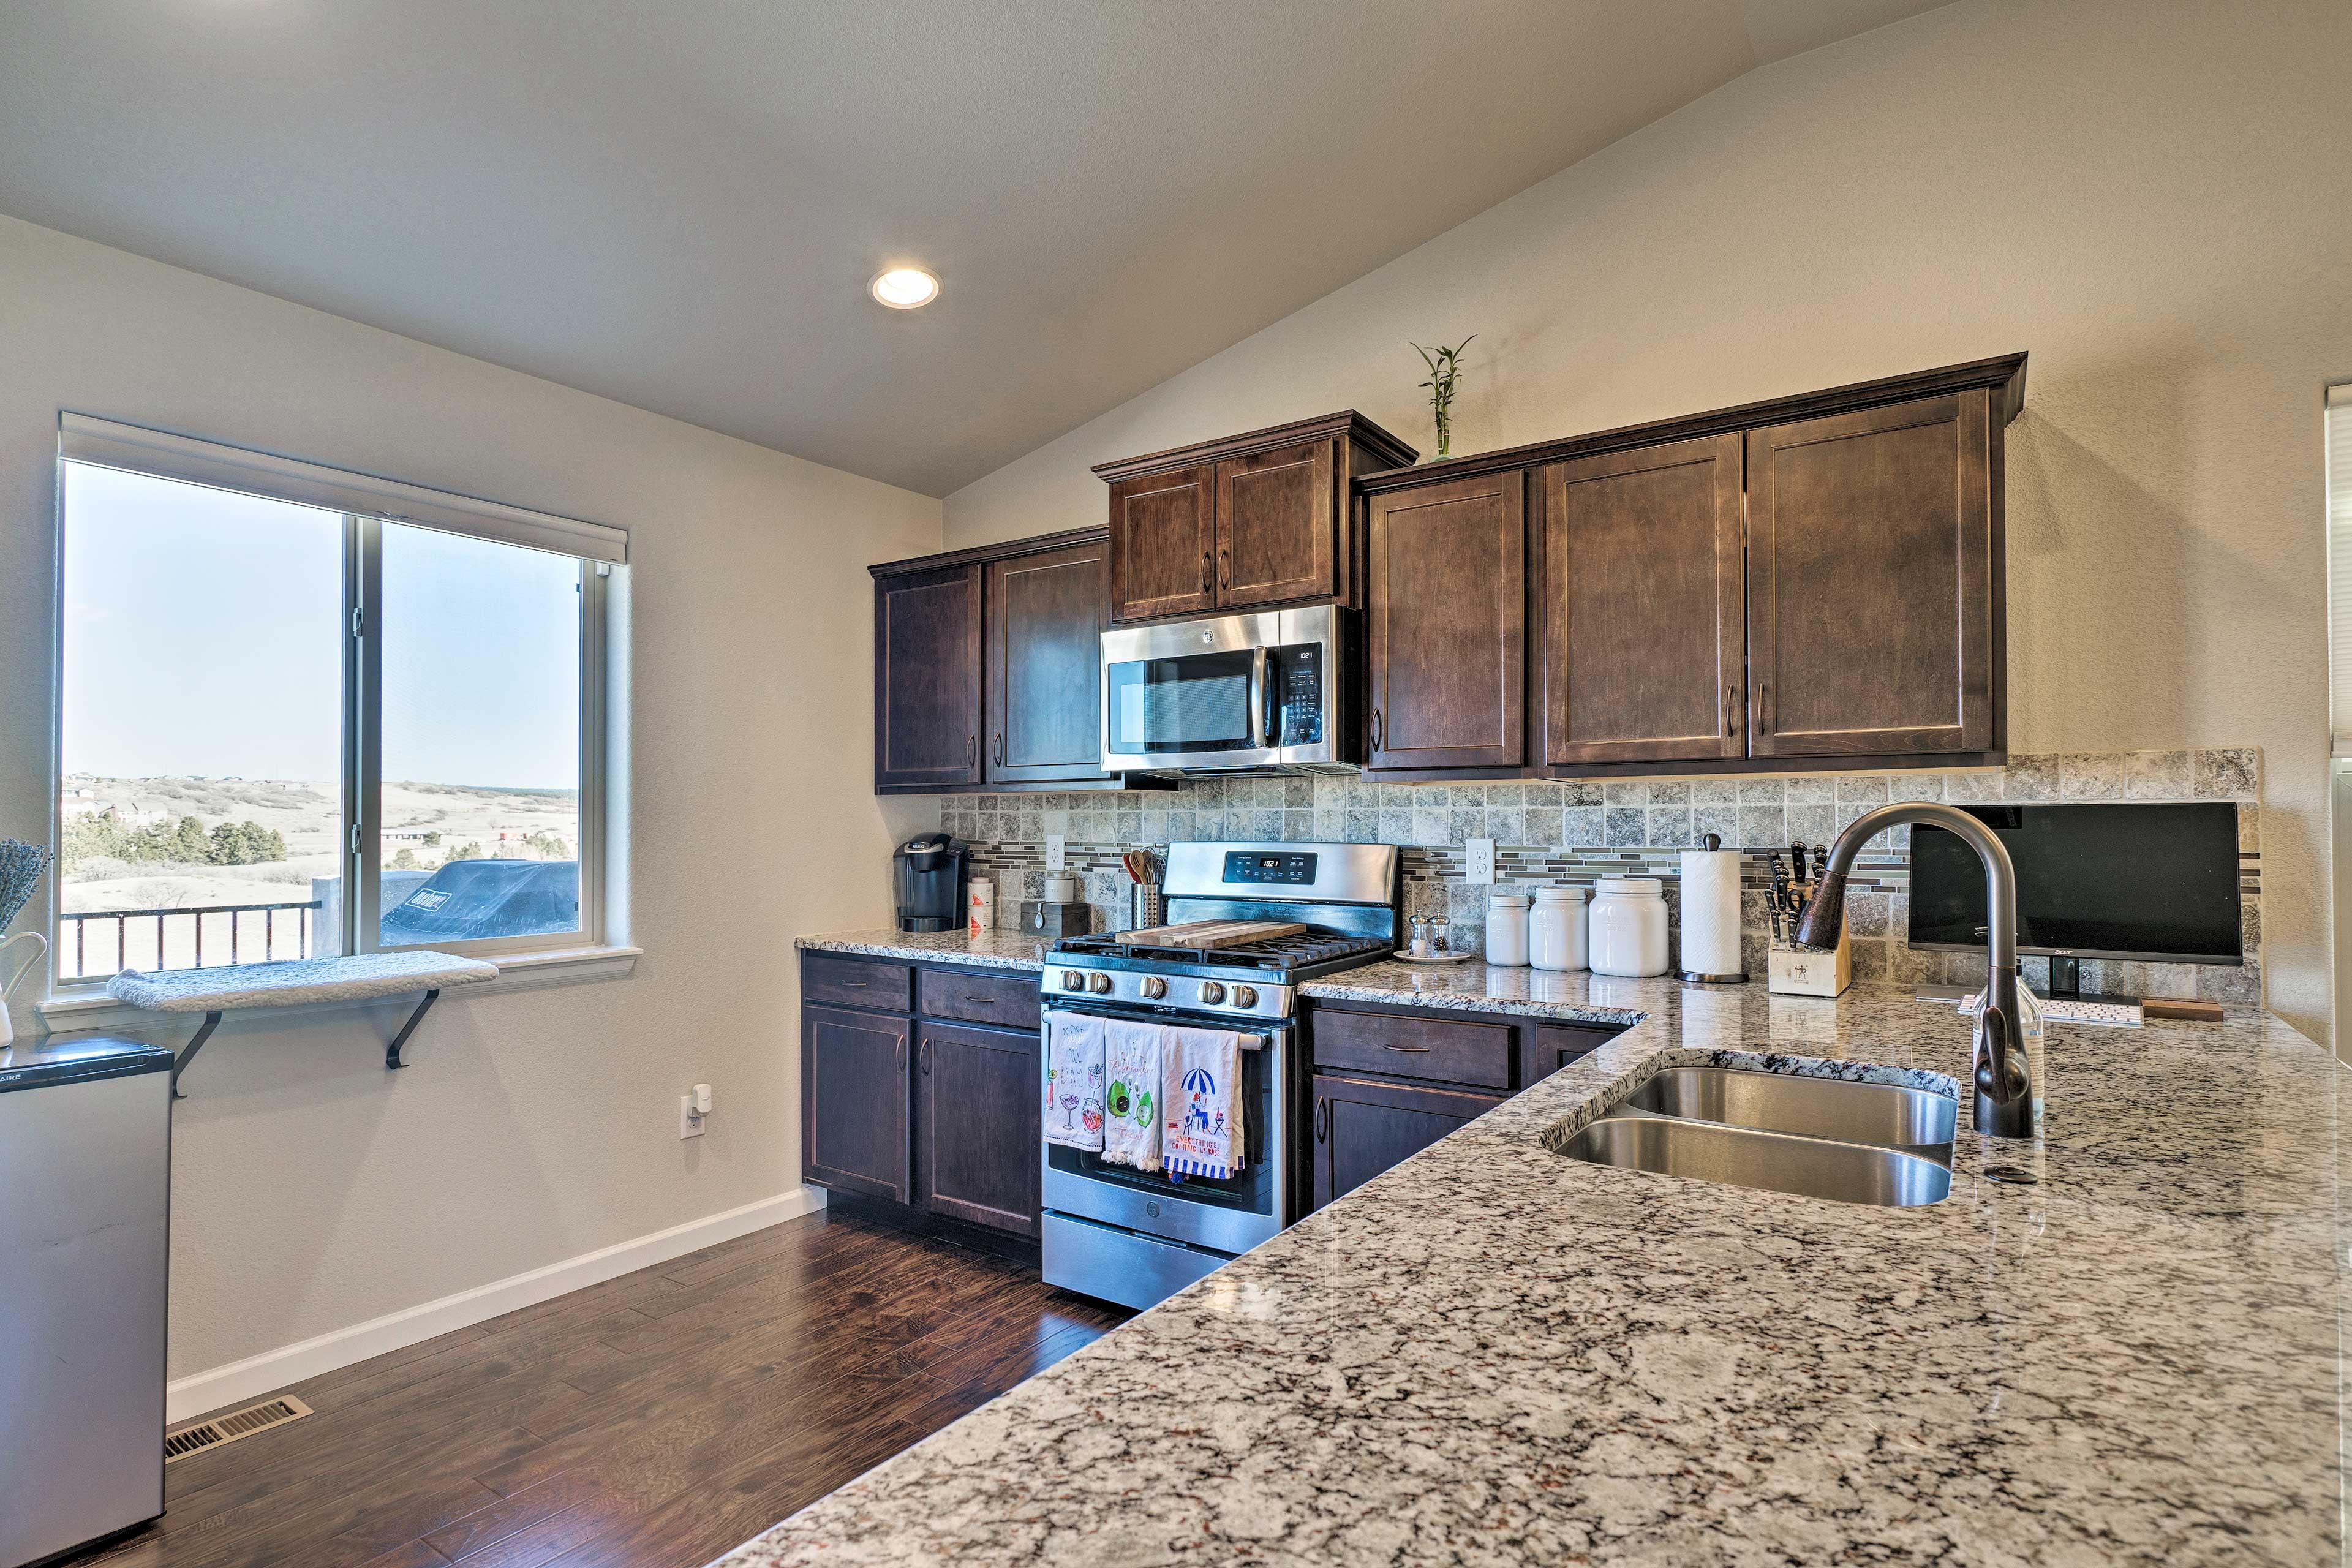 Serve snacks or sip drinks at the sleek, granite countertops.